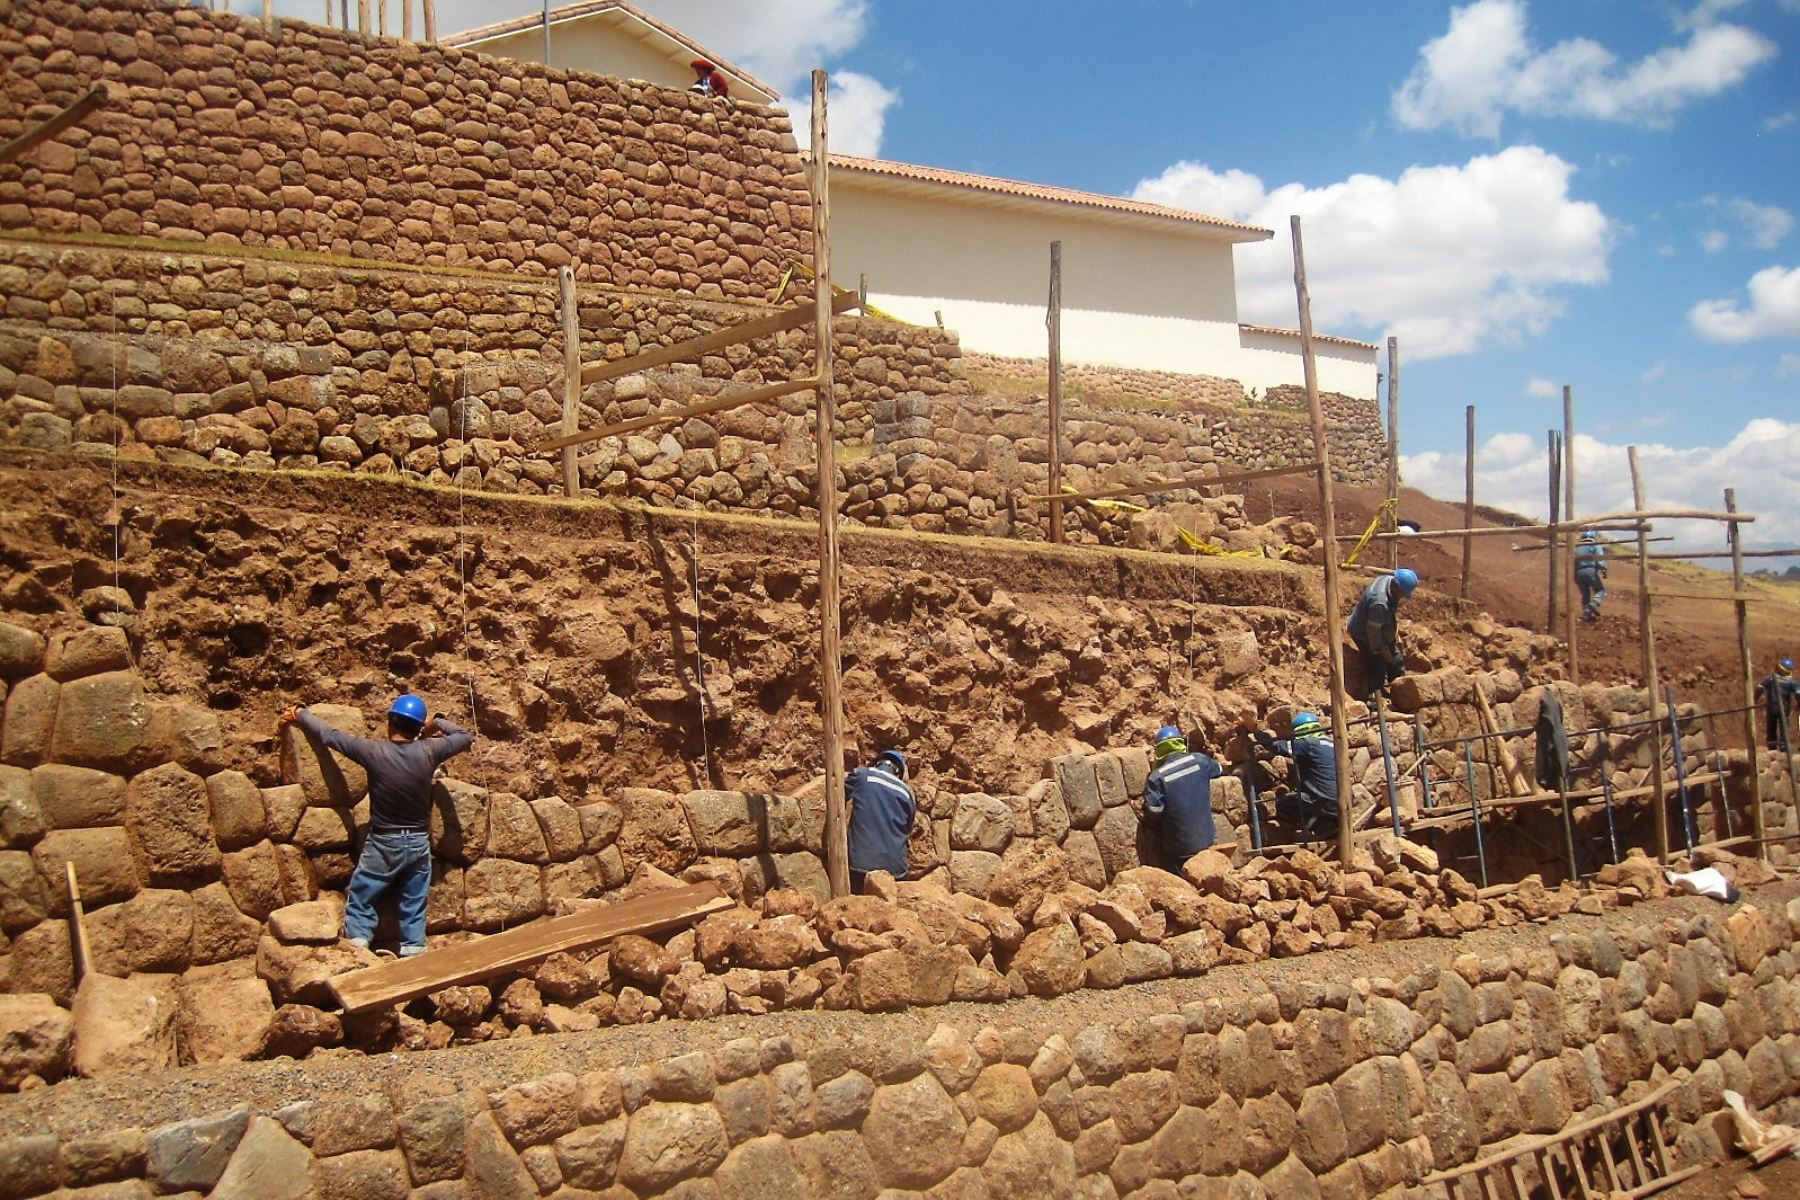 Descubren andenes y recintos incaicos en distrito de Chinchero, en Cusco. Foto: Dirección de Cultura de Cusco.